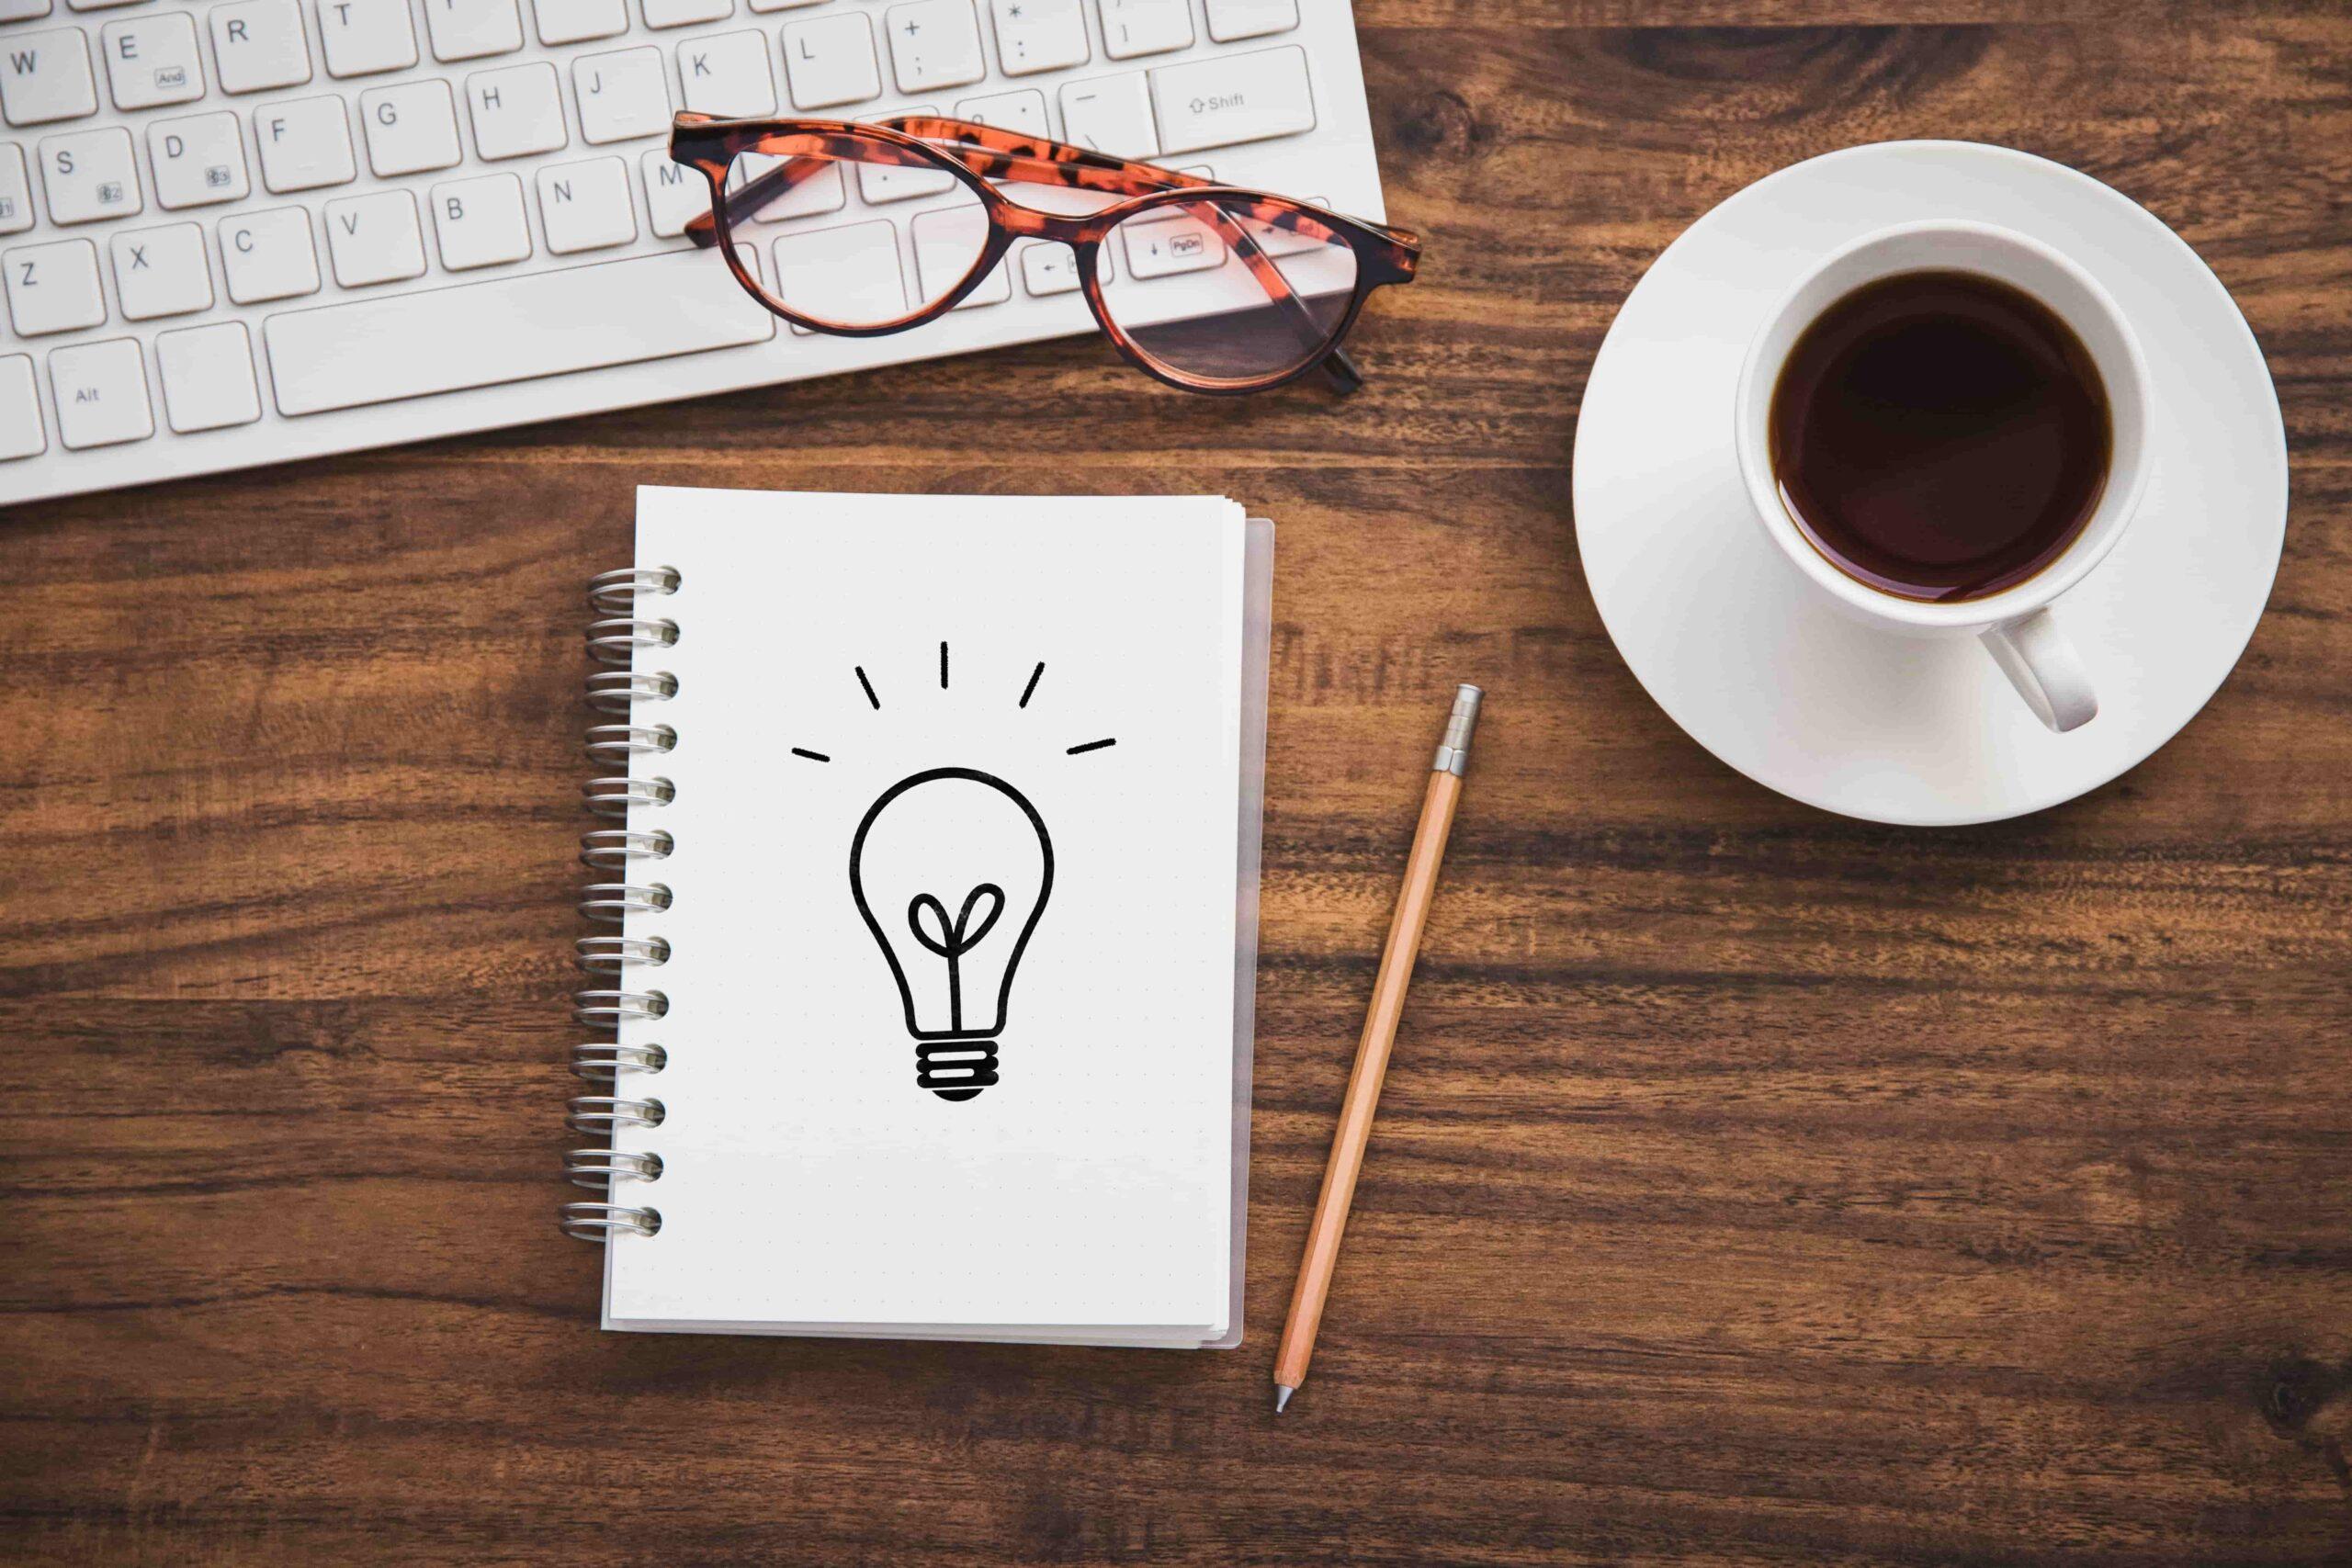 経営課題解決の目的:何を解決したくてオフィスに投資するのか